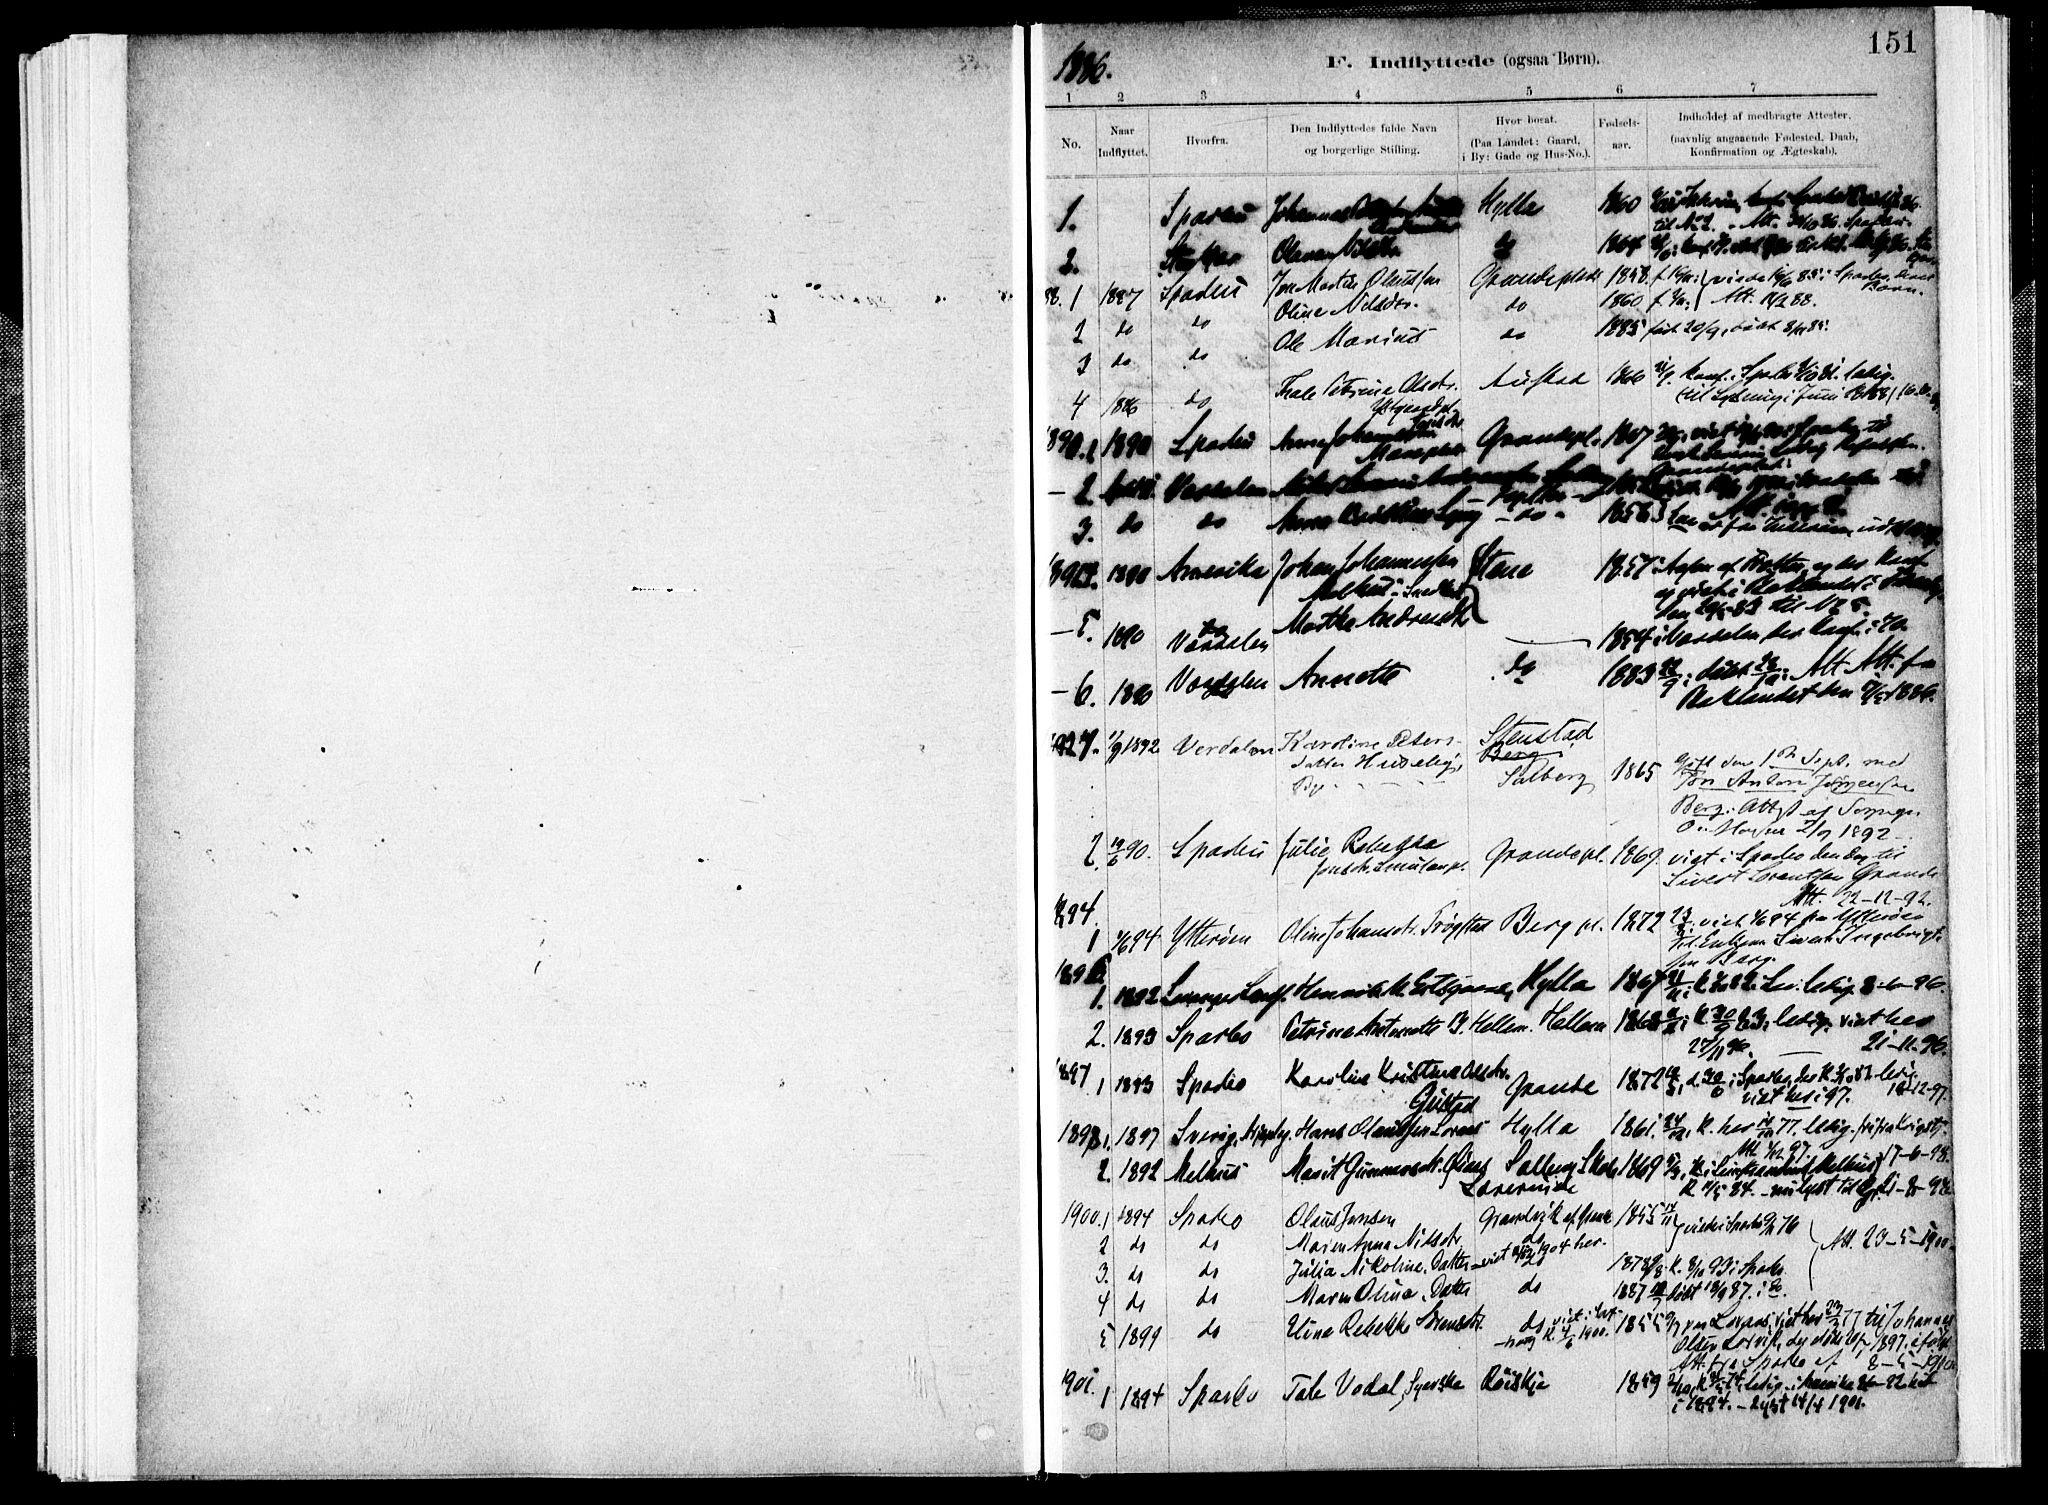 SAT, Ministerialprotokoller, klokkerbøker og fødselsregistre - Nord-Trøndelag, 731/L0309: Parish register (official) no. 731A01, 1879-1918, p. 151